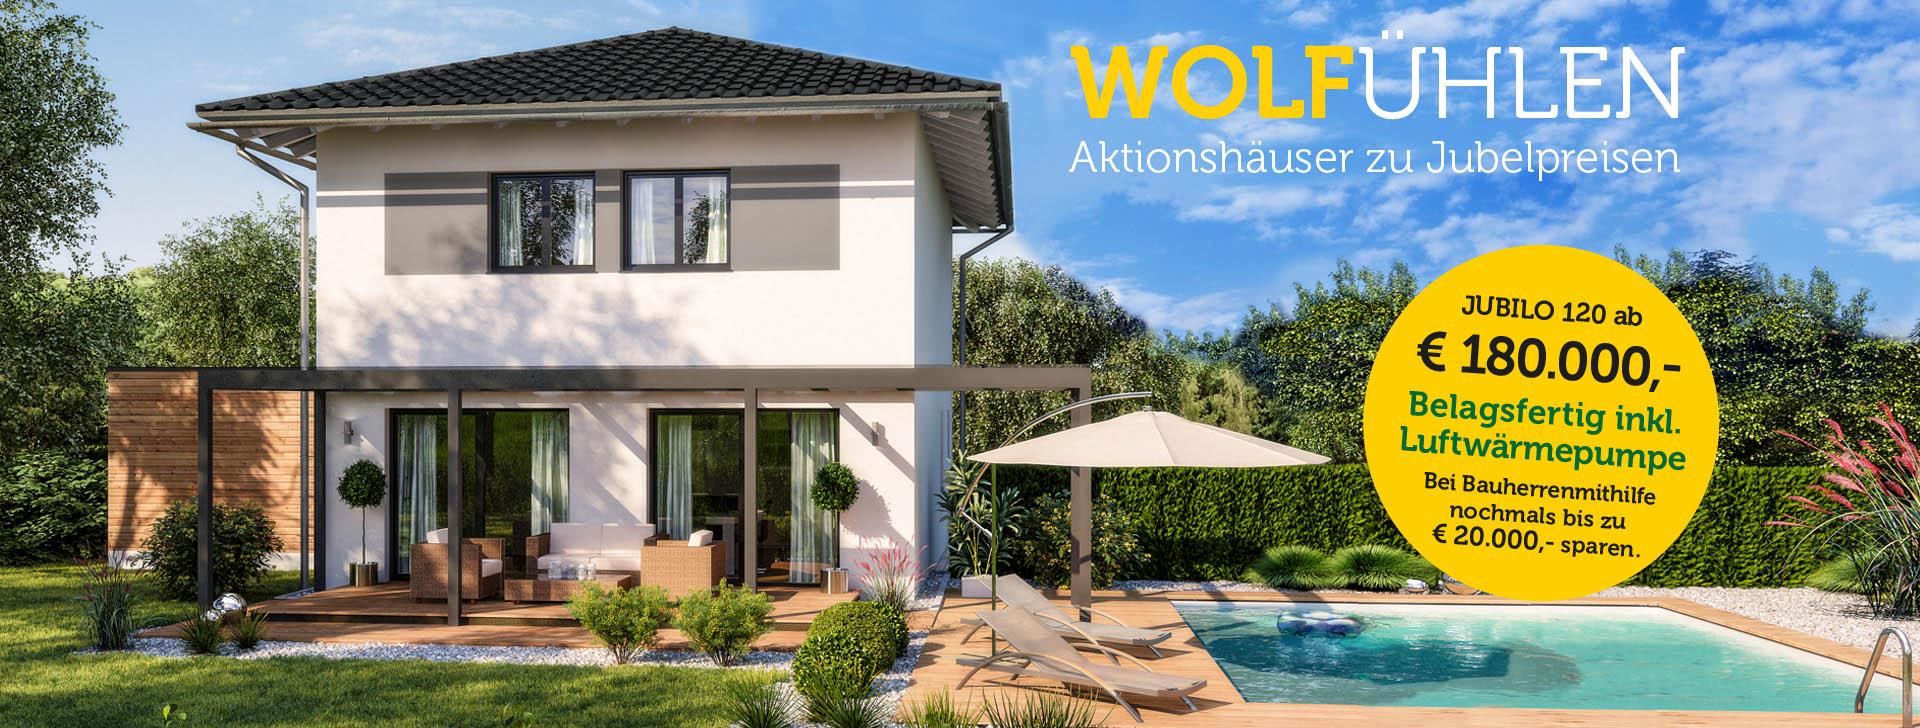 Fertighaus bauen mit WOLF Haus - Gesund, ökologisch und ...